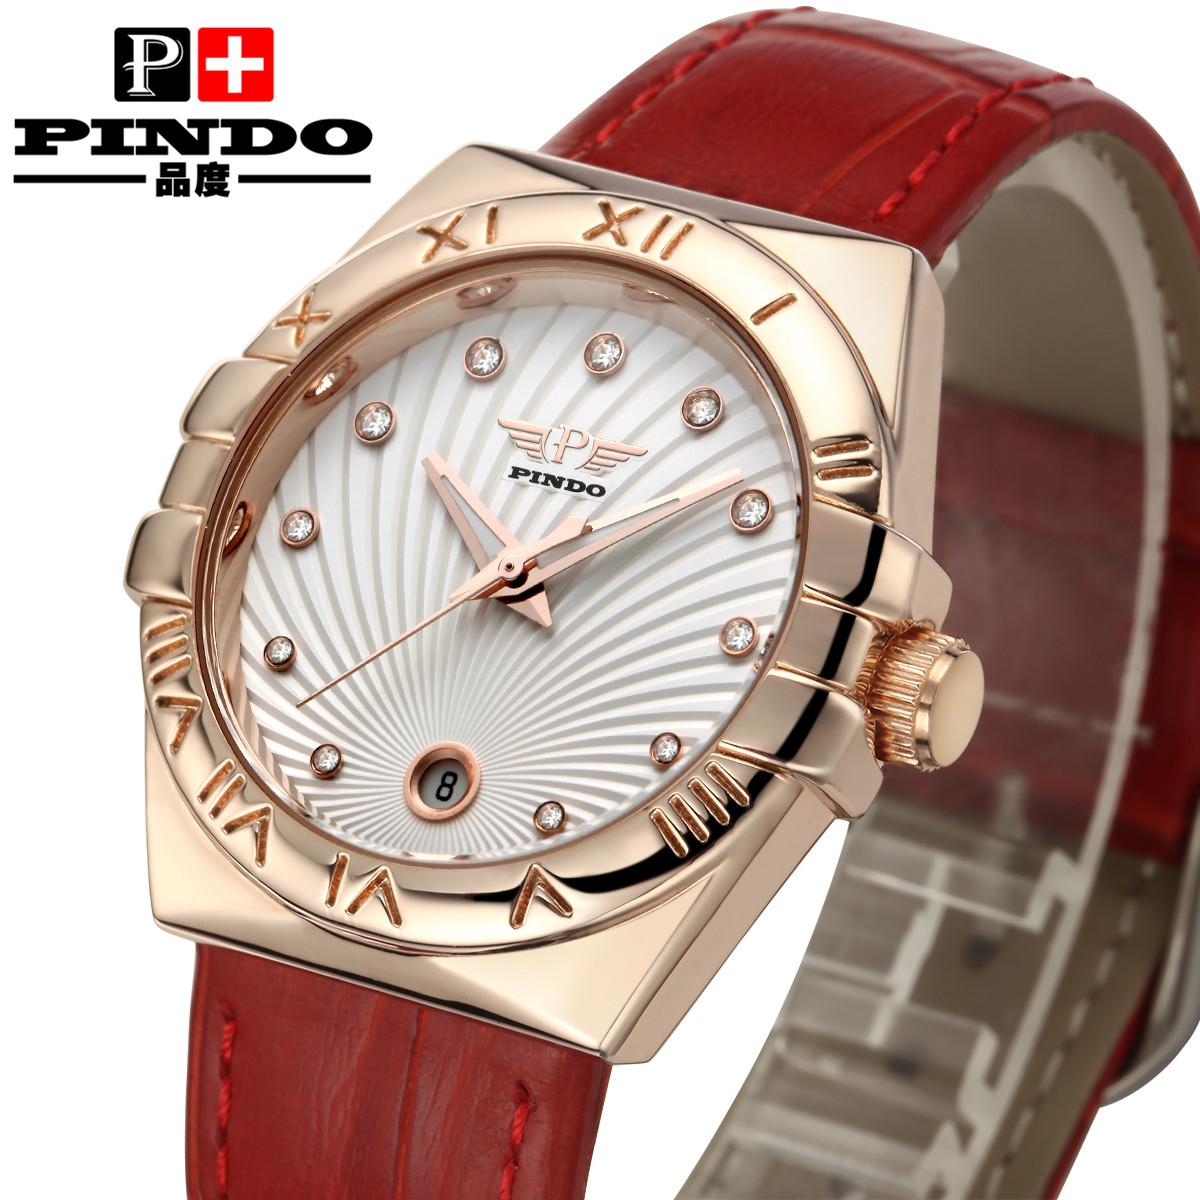 限量品度手表女士真皮女表正品石英表皮带手表防水钻 时尚女表